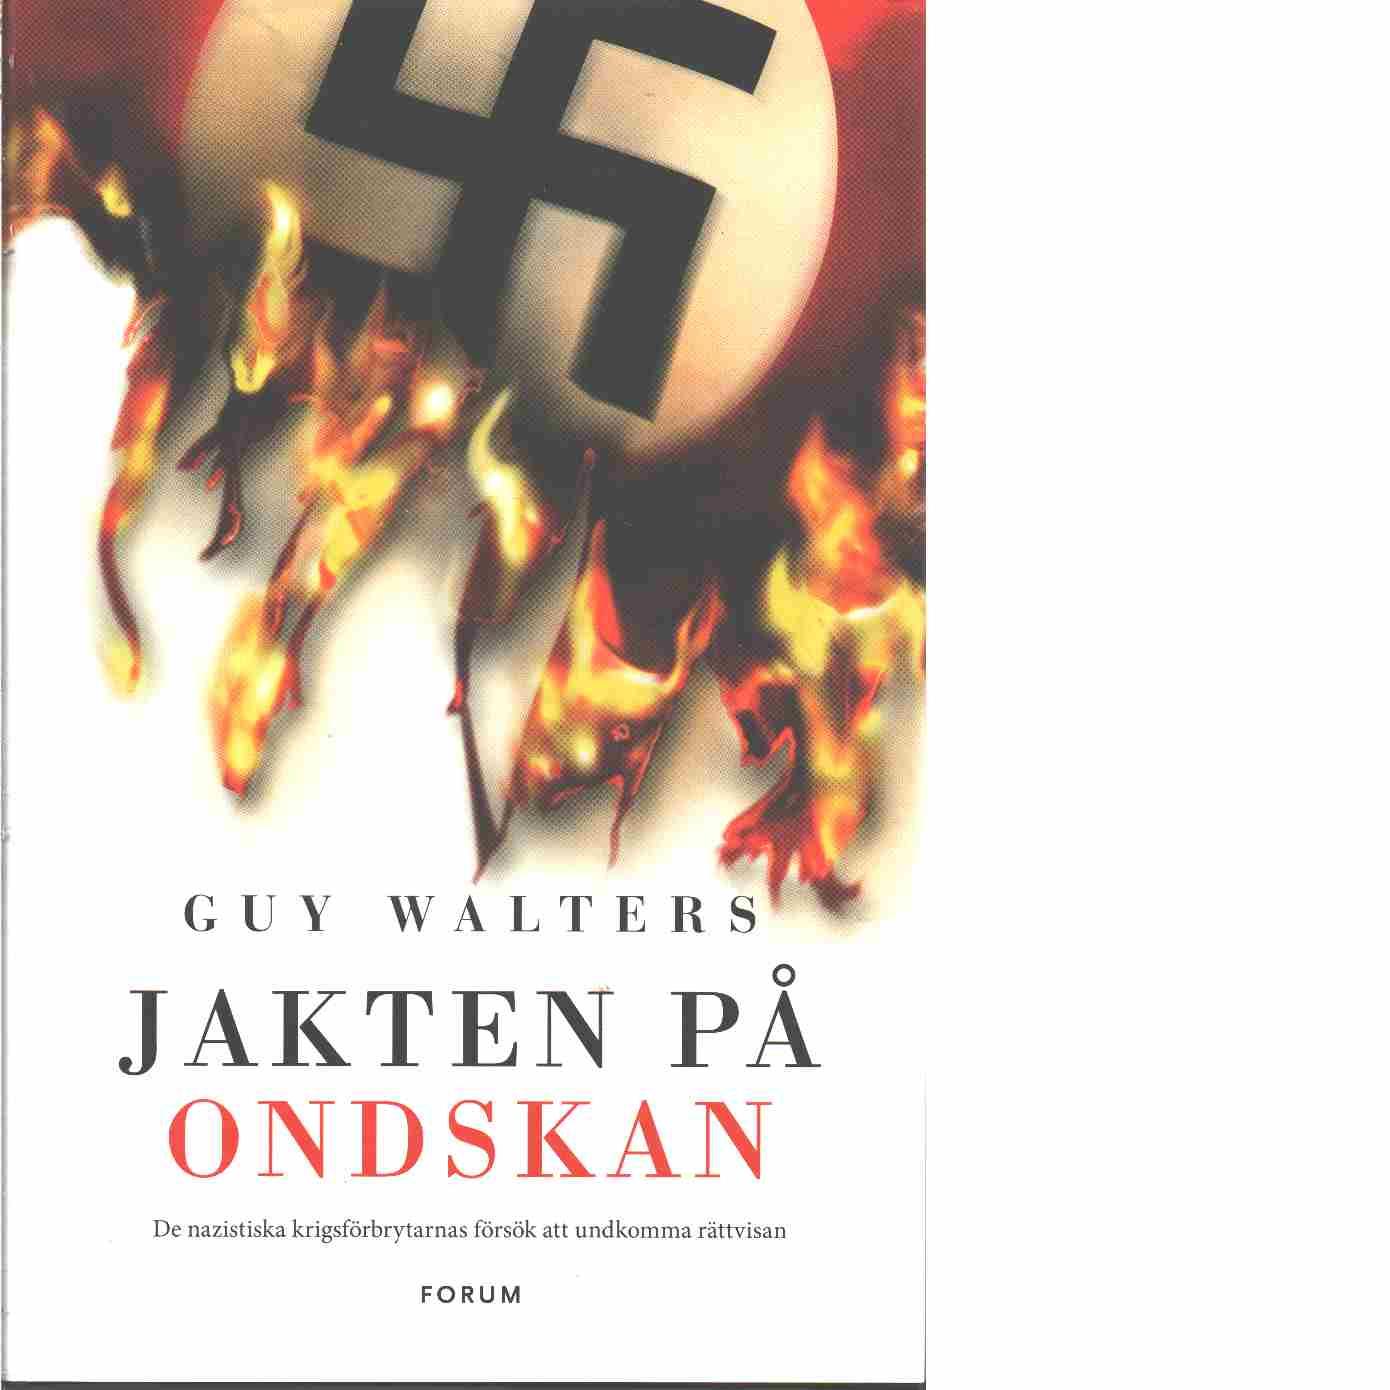 Jakten på ondskan : de nazistiska krigsförbrytarnas försök att undkomma rättvisan  - Walters, Guy